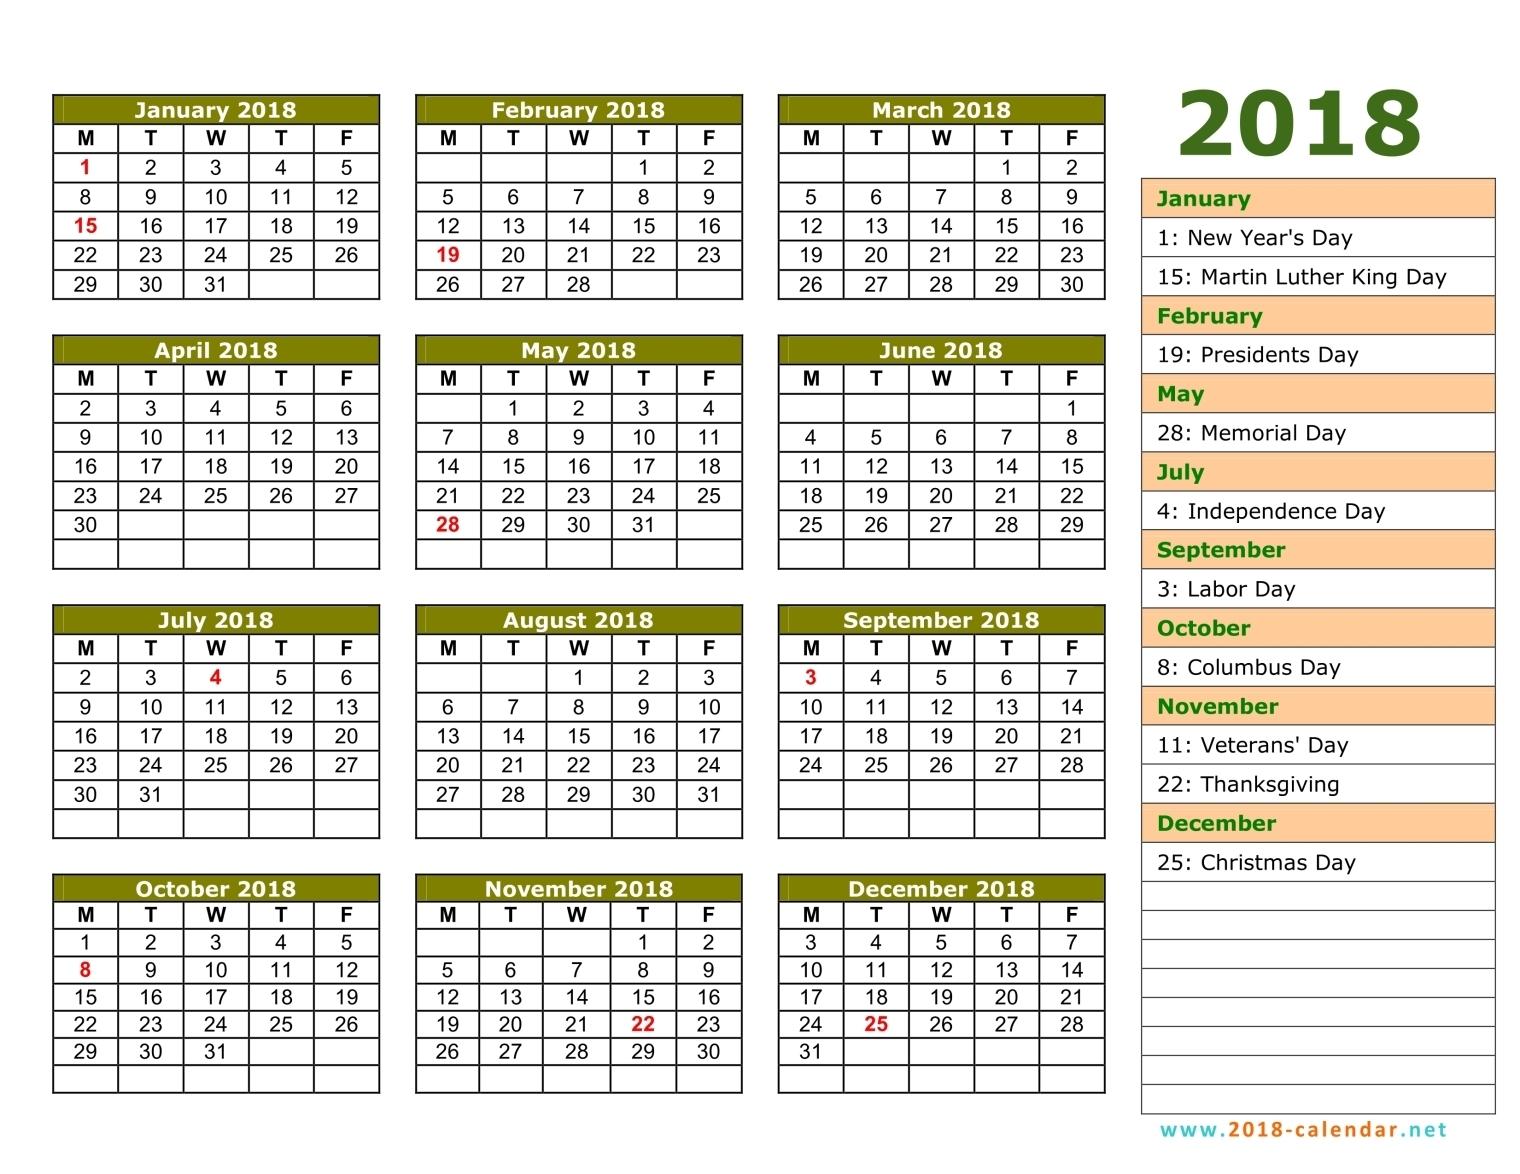 January 2018 calendar Free printable calendar.com